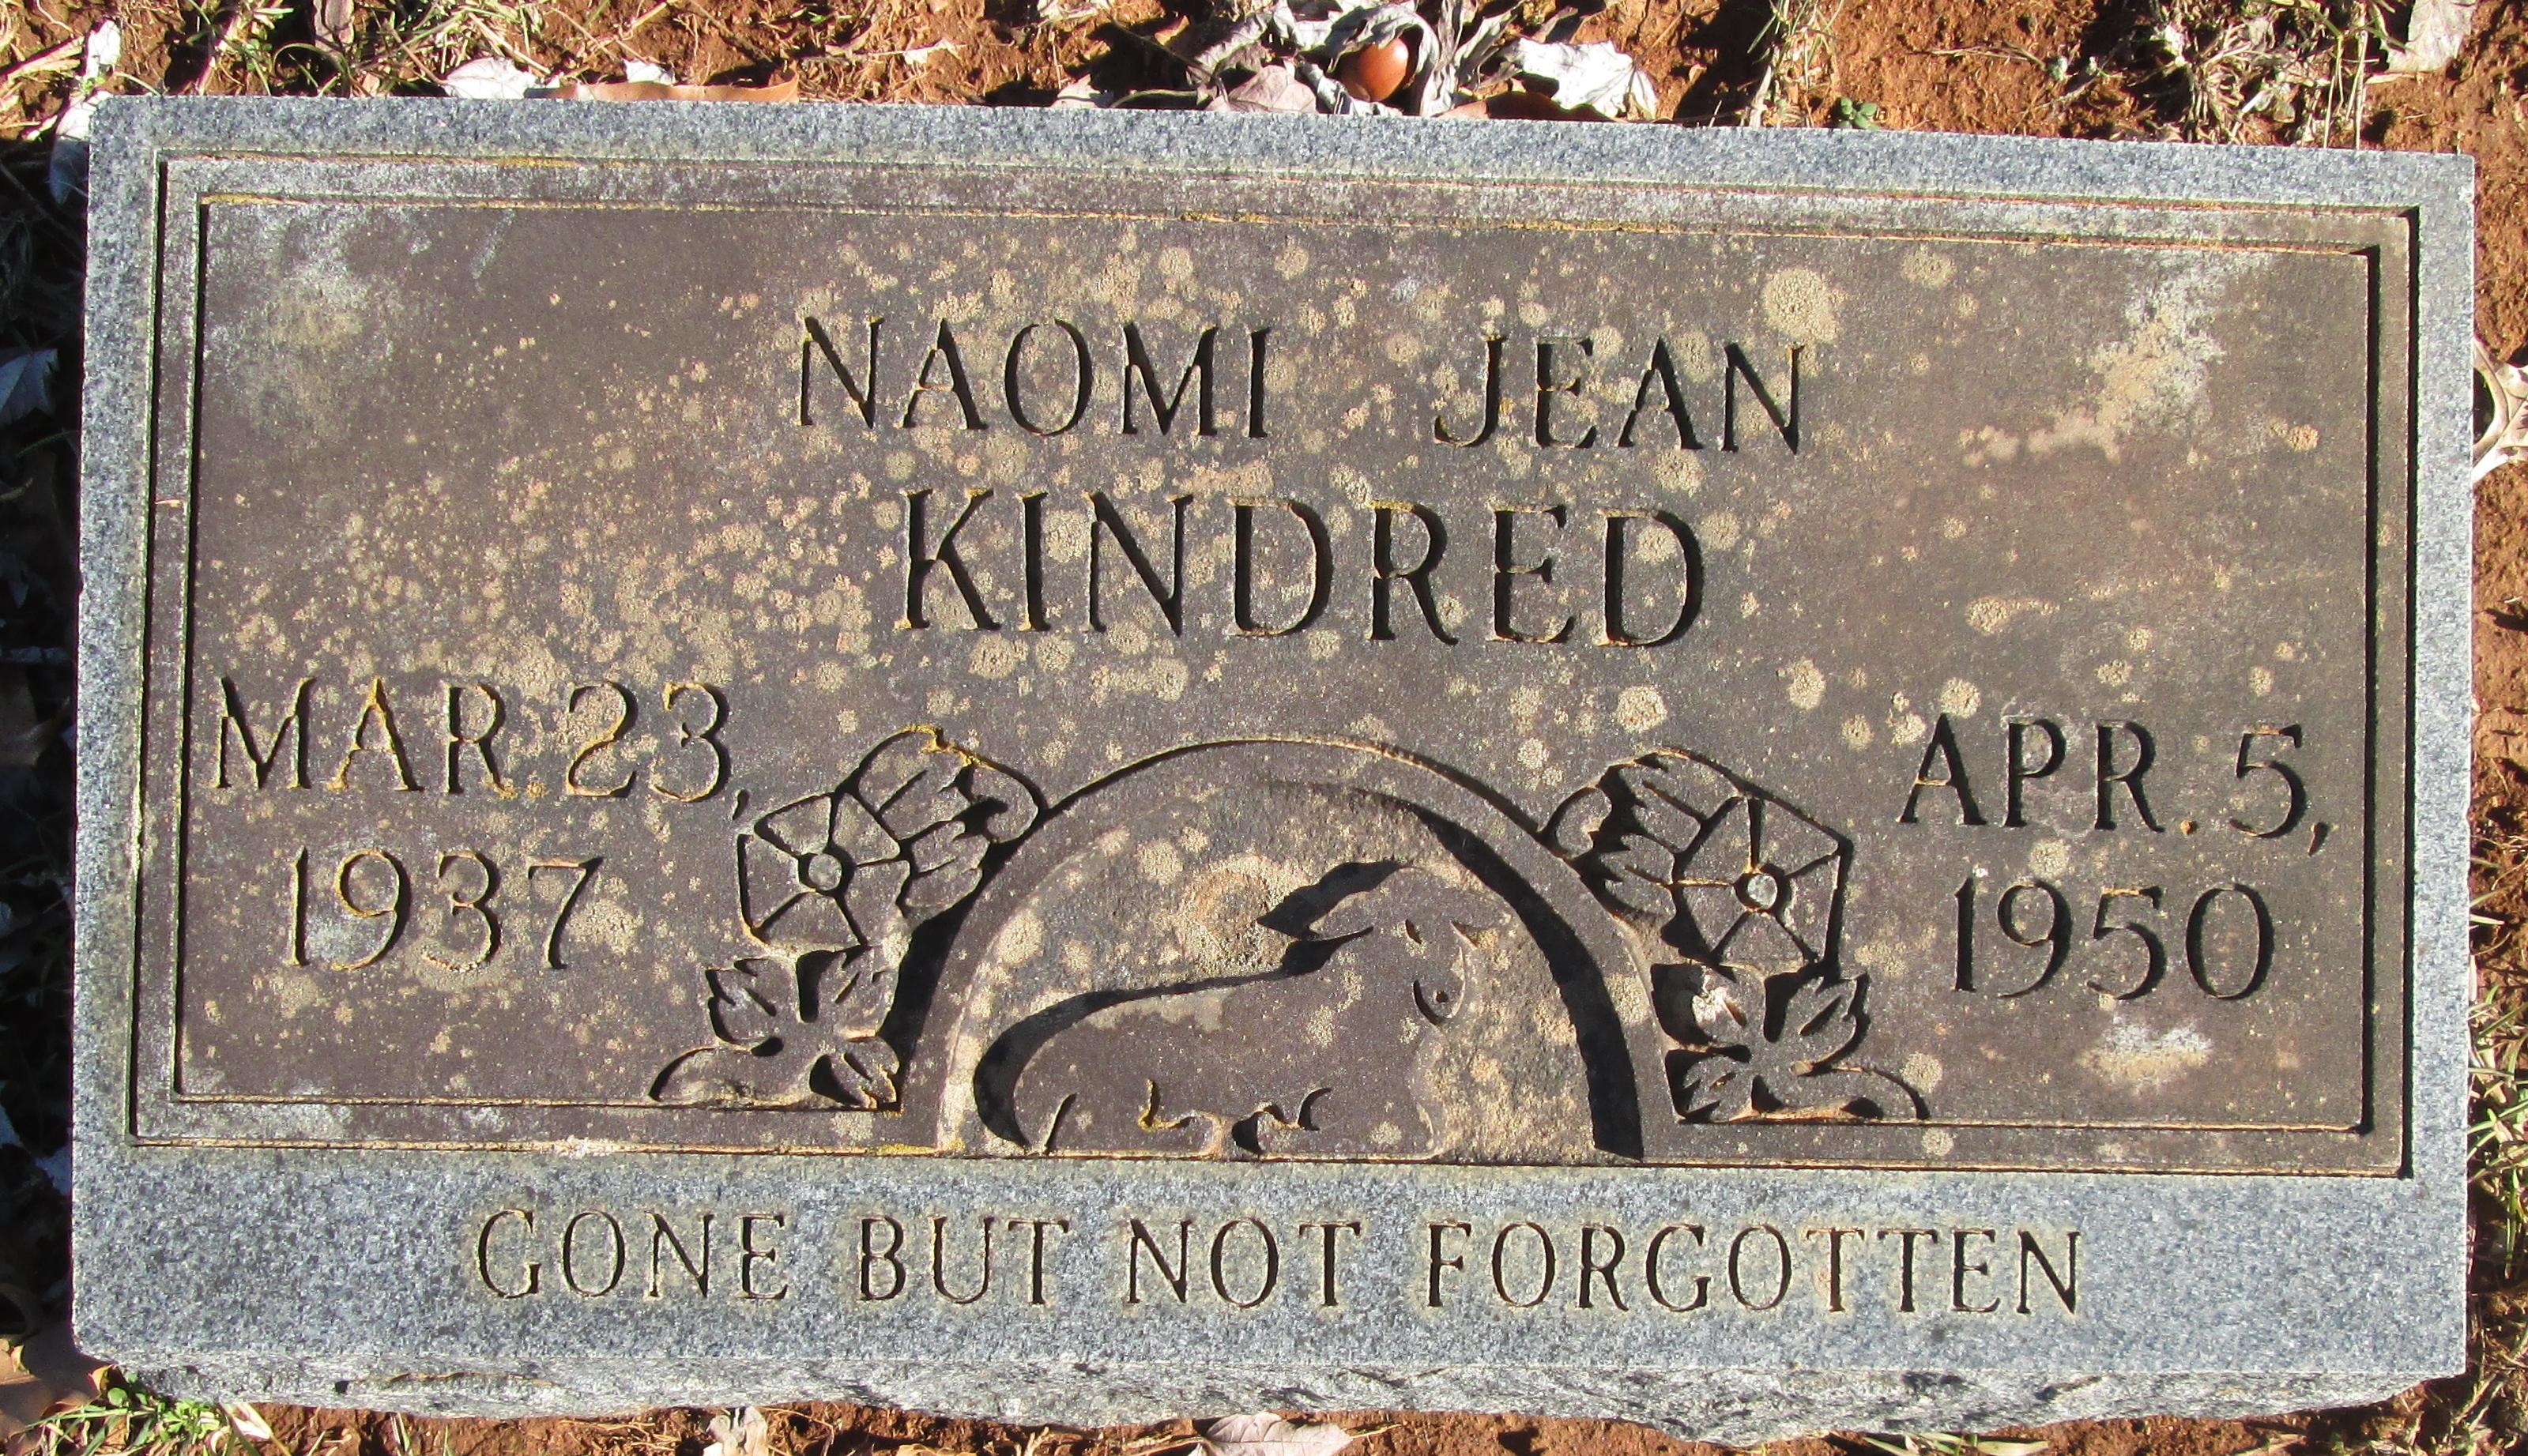 Naomi Jean Kindred